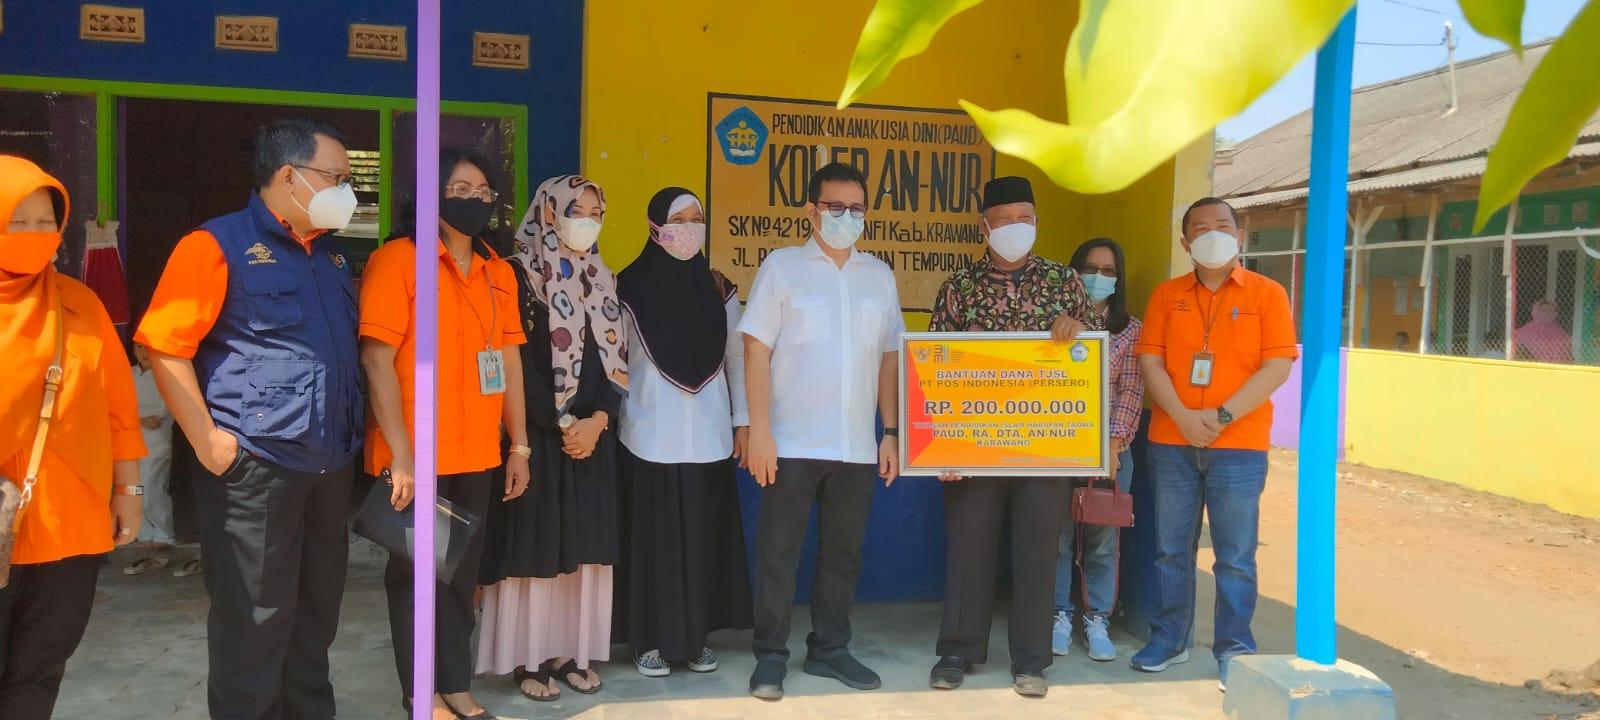 Pos Indonesia Serahkan Bantuan CSR untuk Yayasan Pendidikan Islam An-Nur Karawang